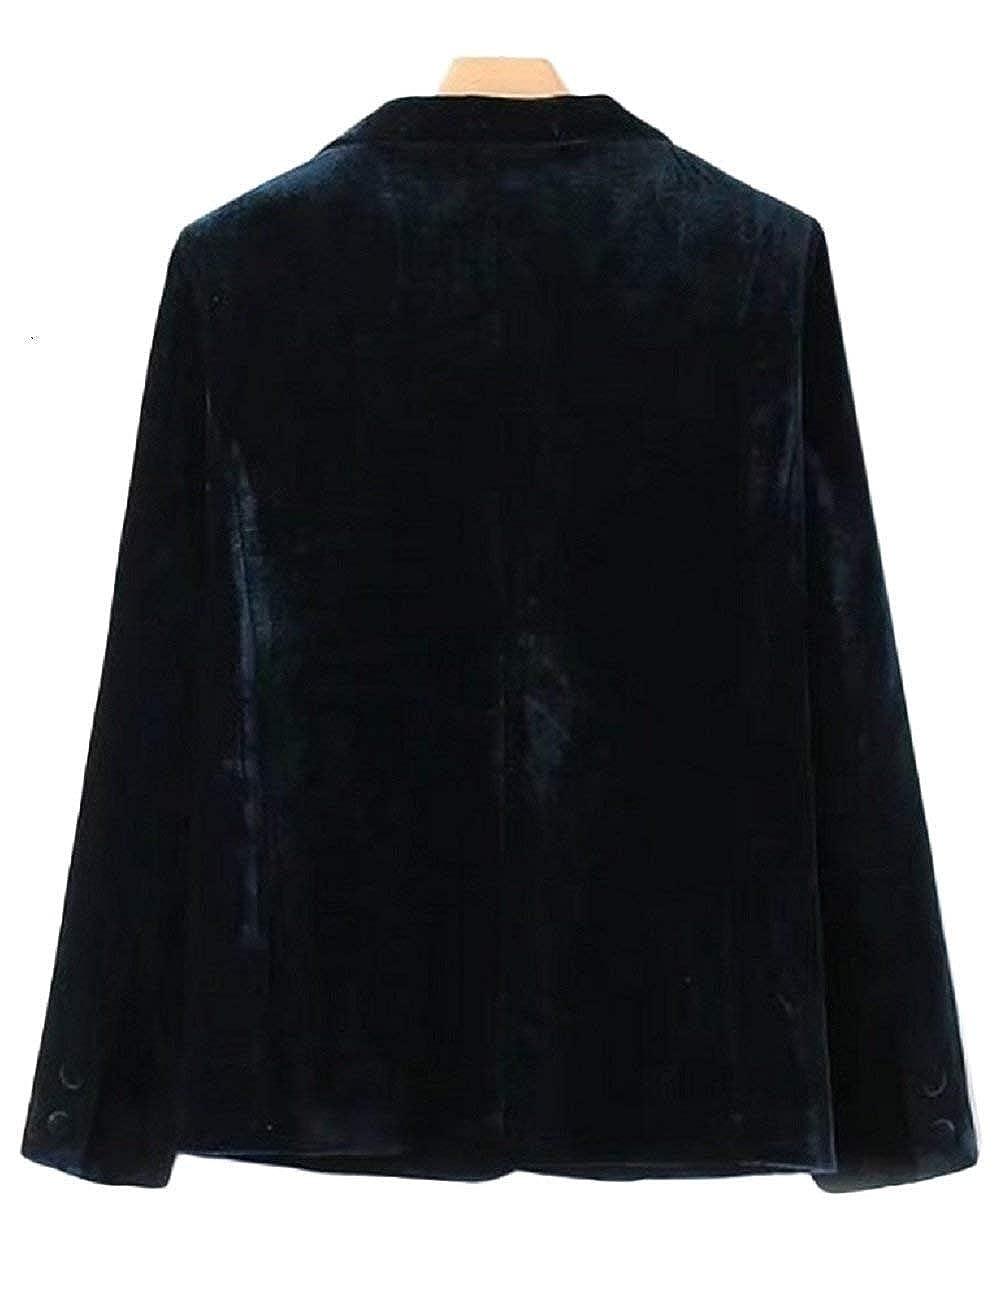 Giacca da Tailleur Donna Primaverile Autunno Monocromo Morbidi Comodo Giubbino Moda Velluto Blazer Classiche Slim Fit Manica Lunga Bavero Ufficio Business Cappotto Outerwear Ragazzi